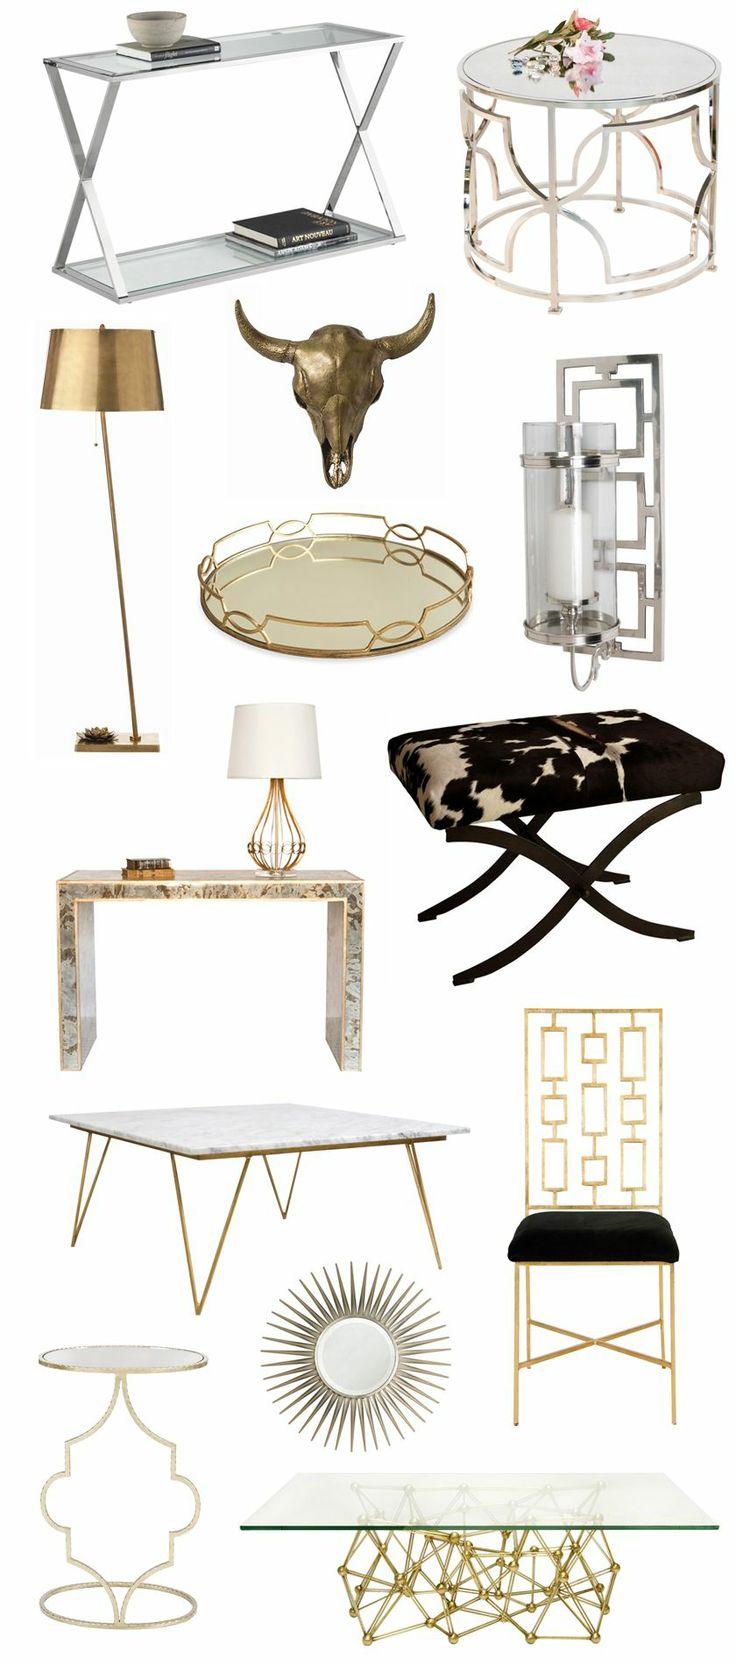 nettenestea-interiør-hjem-hus-møbler-blogg-inspo-inspirasjon-tips-favoritt-blogg-nettbutikk-jonathanadler-gull-glam-stil